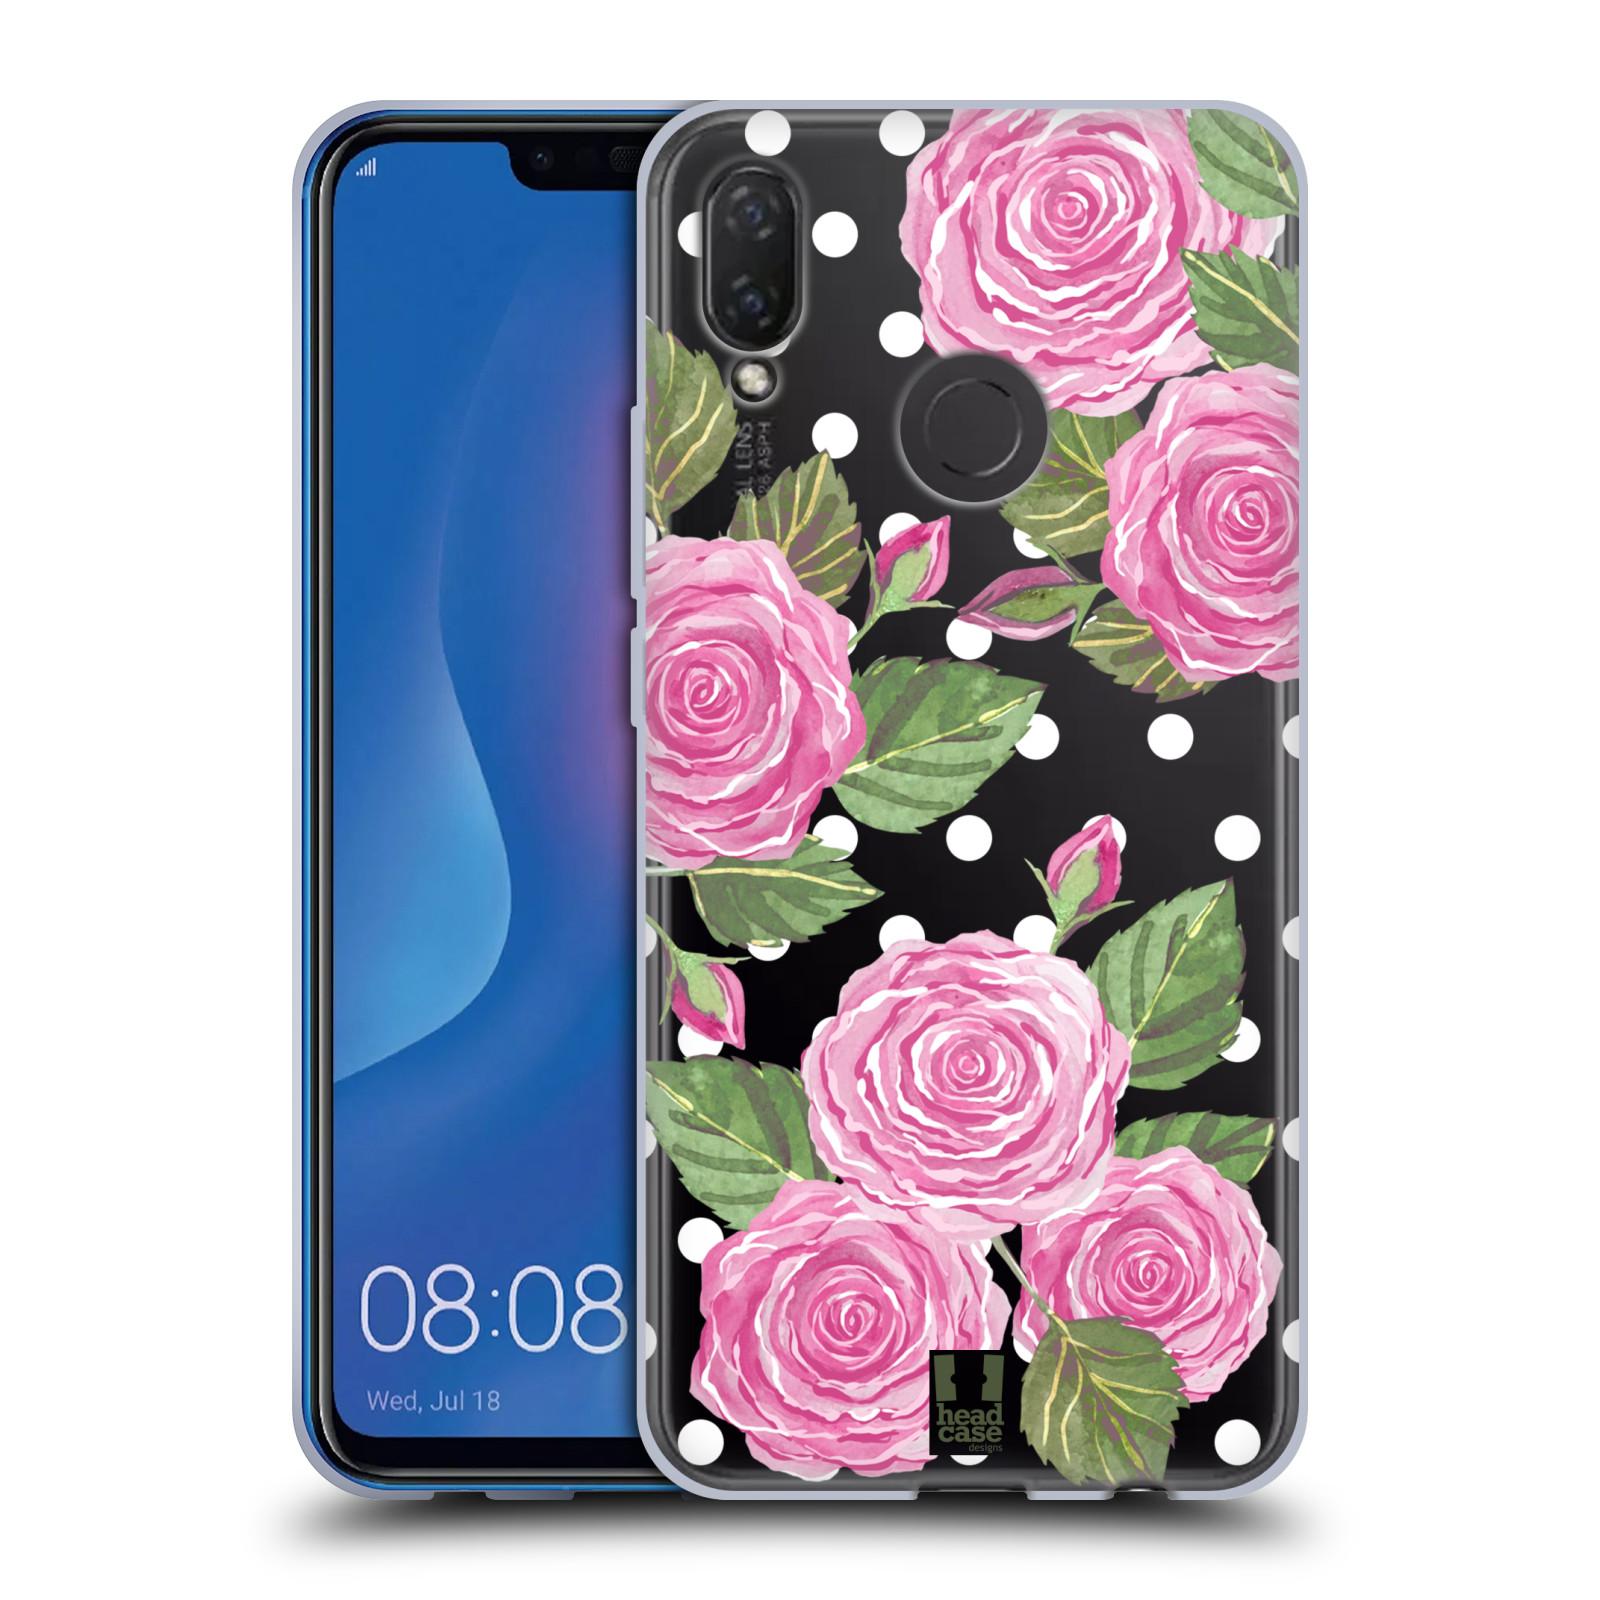 Silikonové pouzdro na mobil Huawei Nova 3i - Head Case - Hezoučké růžičky - průhledné